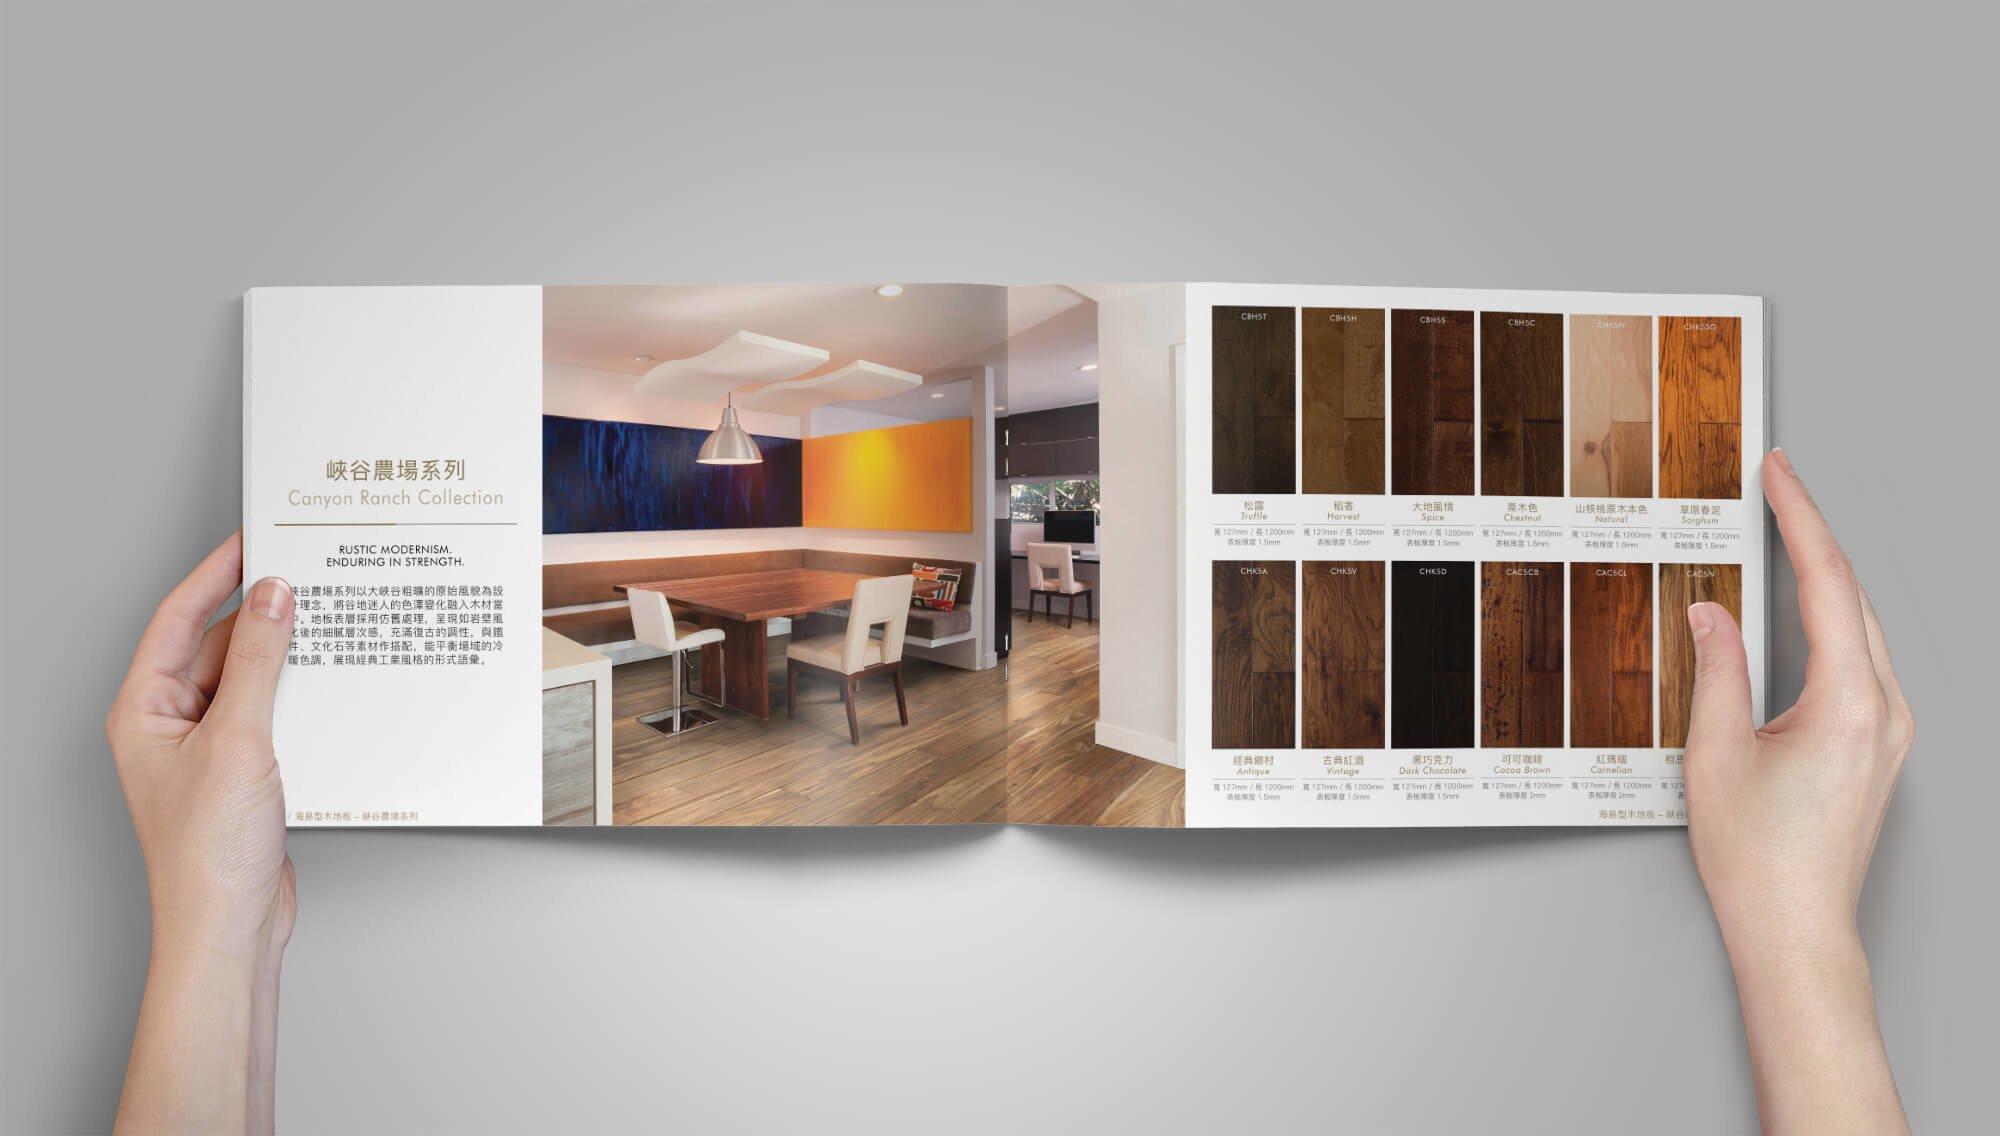 型錄設計 | 公司簡介 | 掌握消費者心理來設計,將產品服務完美呈現,交給型錄設計專家傑克大俠